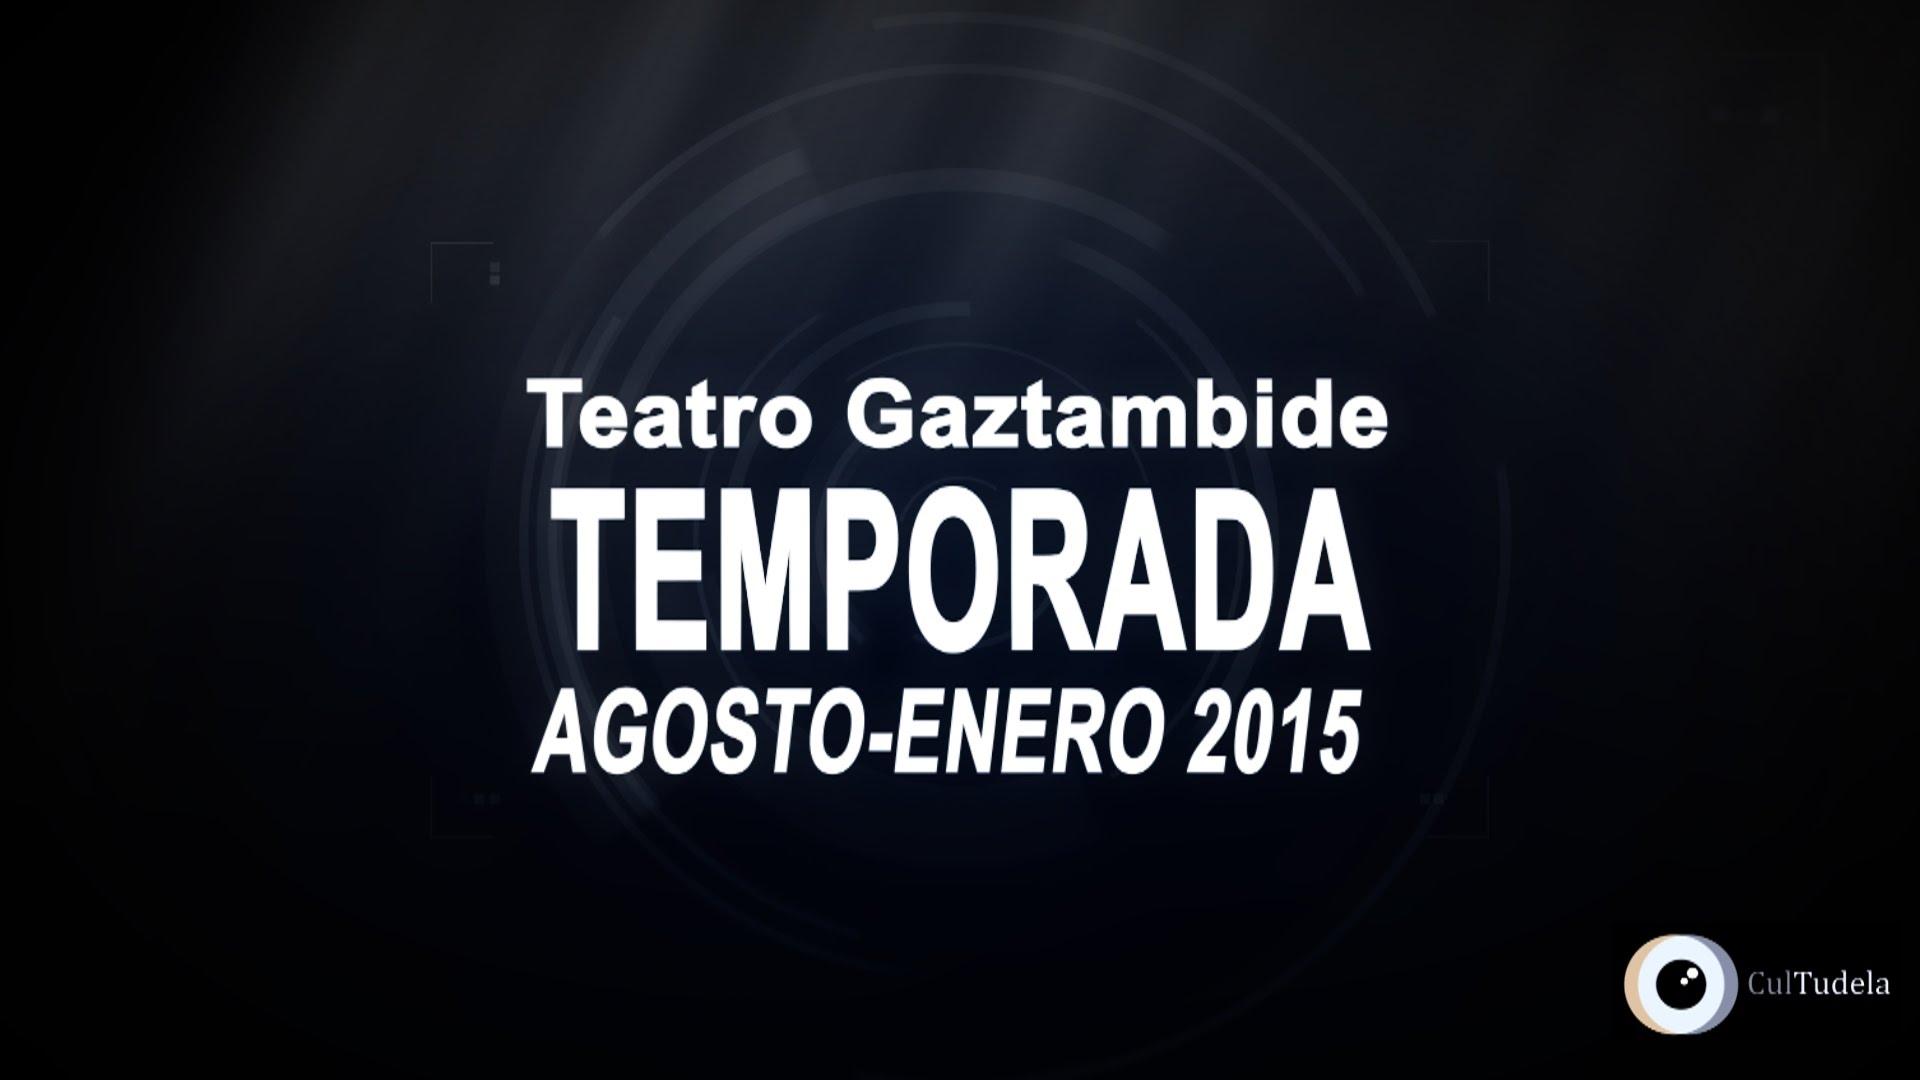 Teatro Gaztambide. Nueva temporada